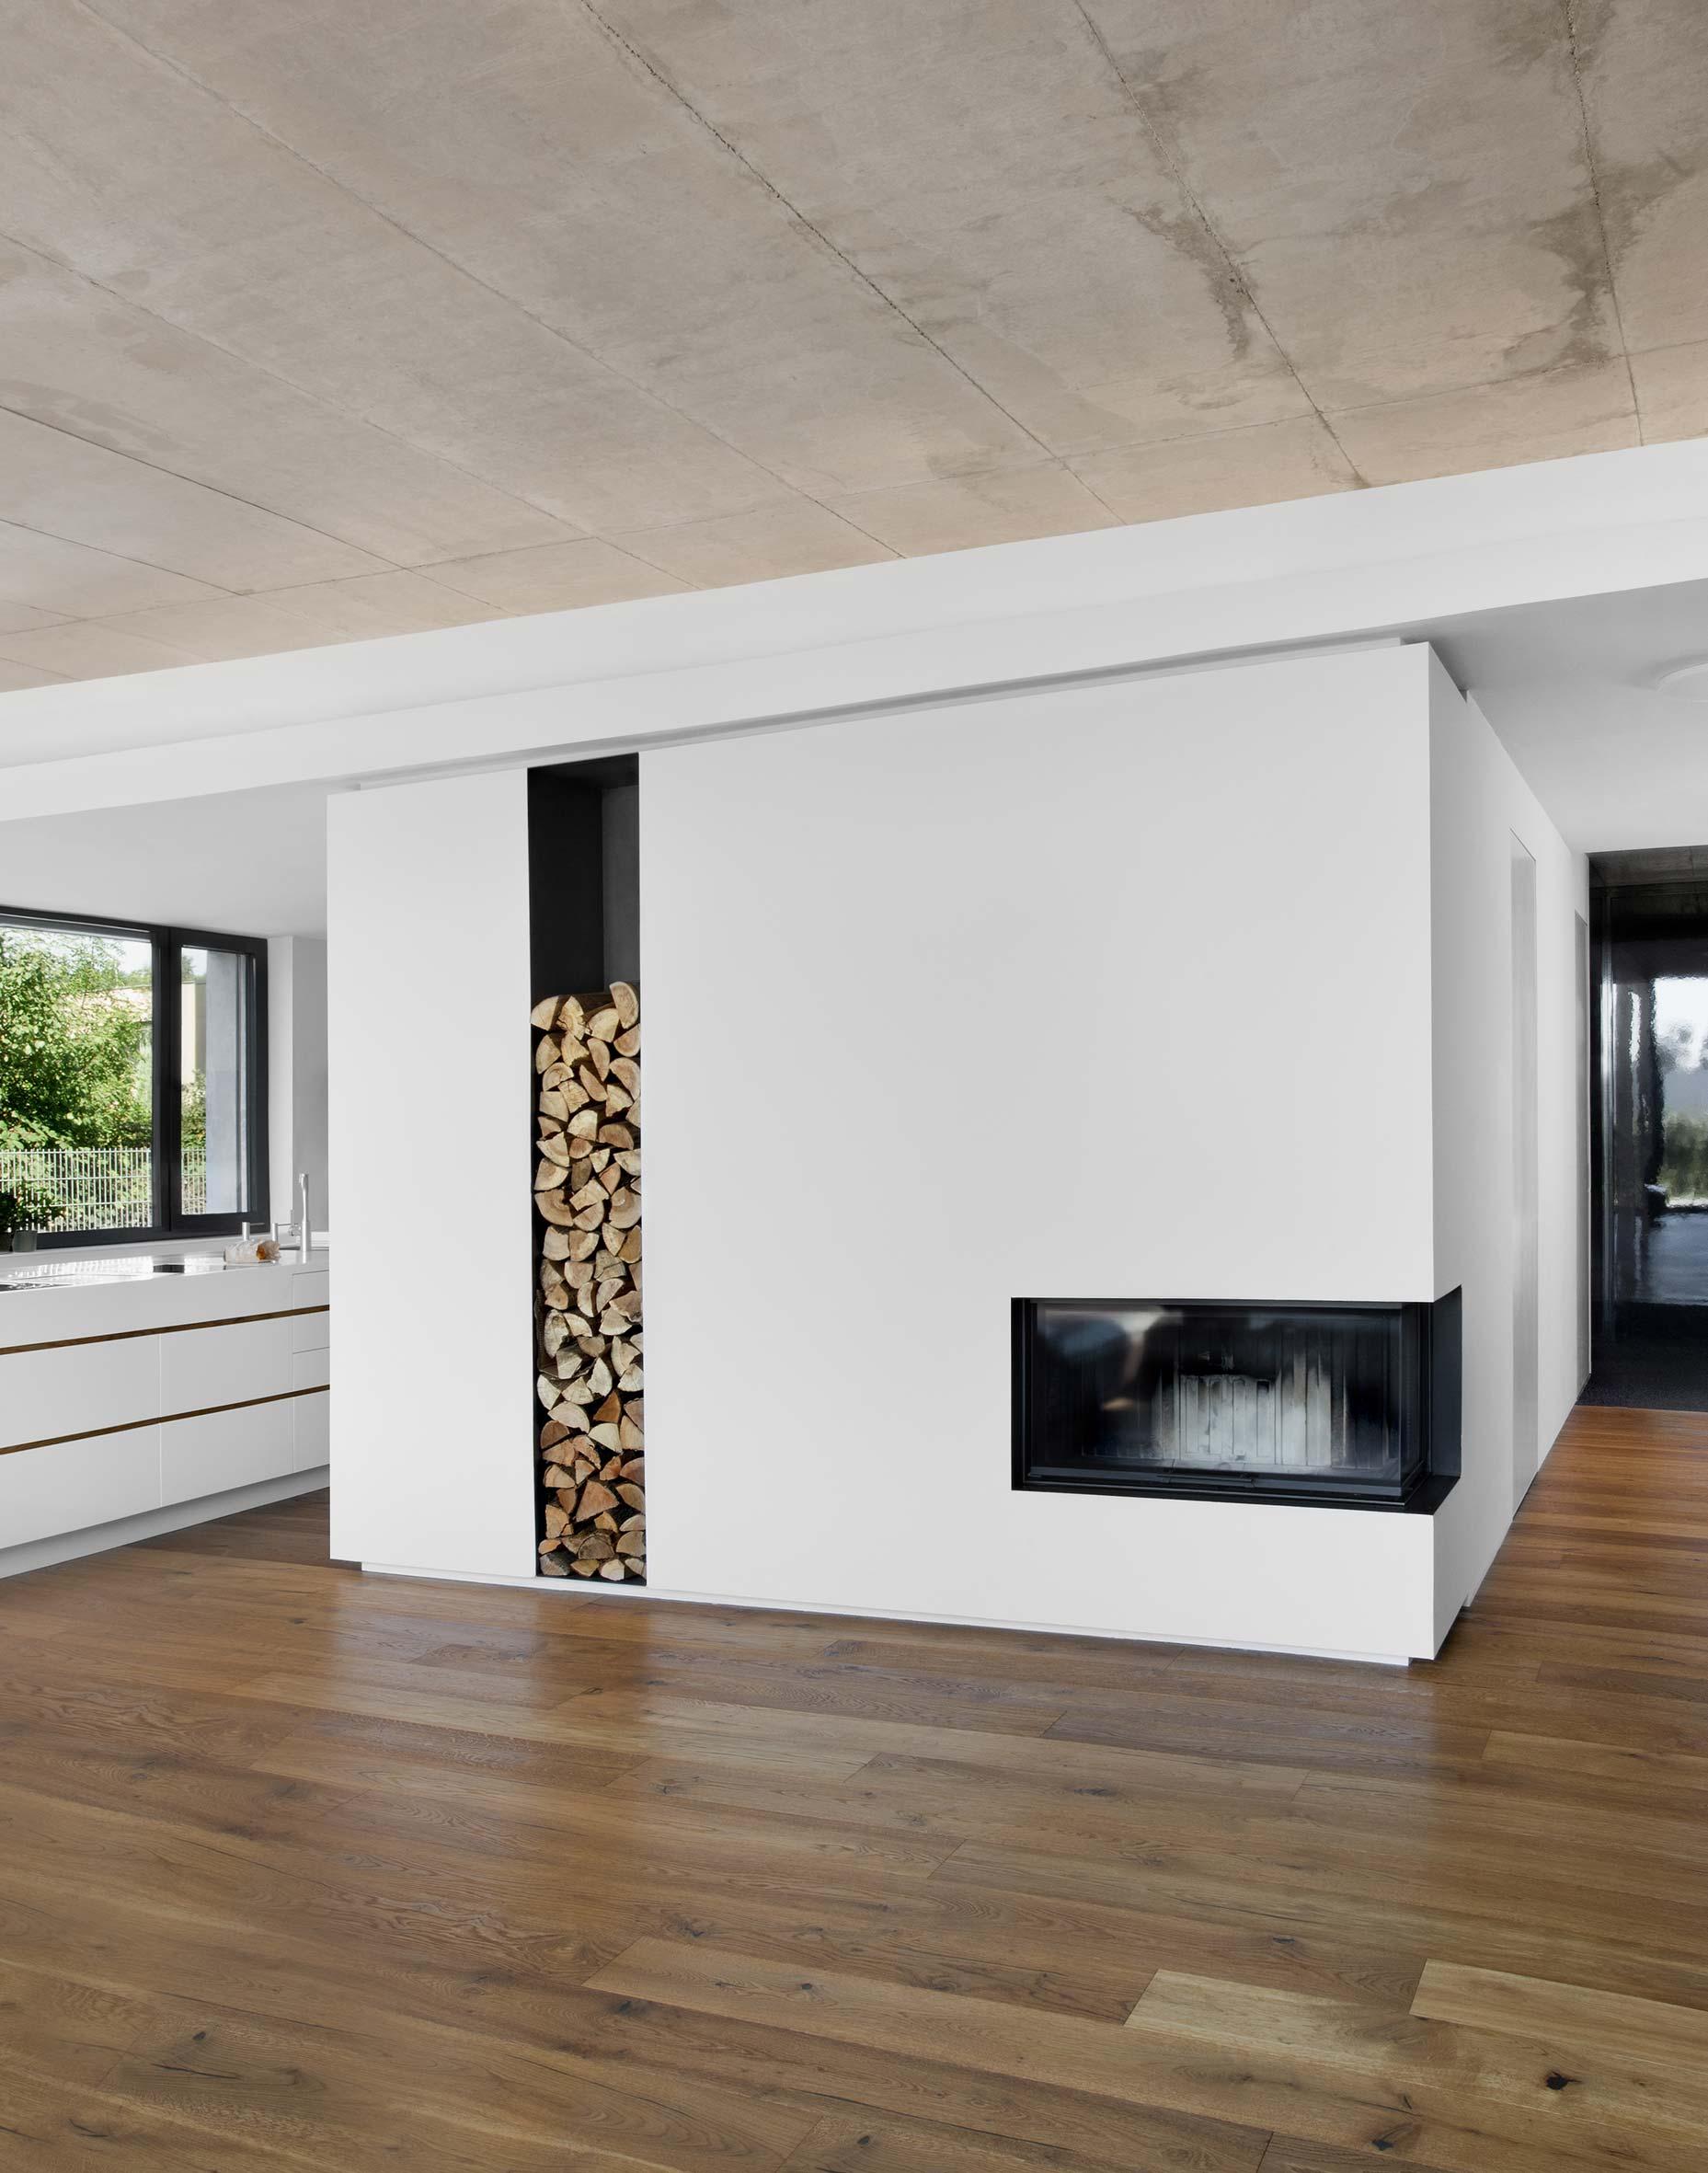 plan 3 küche / Architektur im Detail / Luxusküche